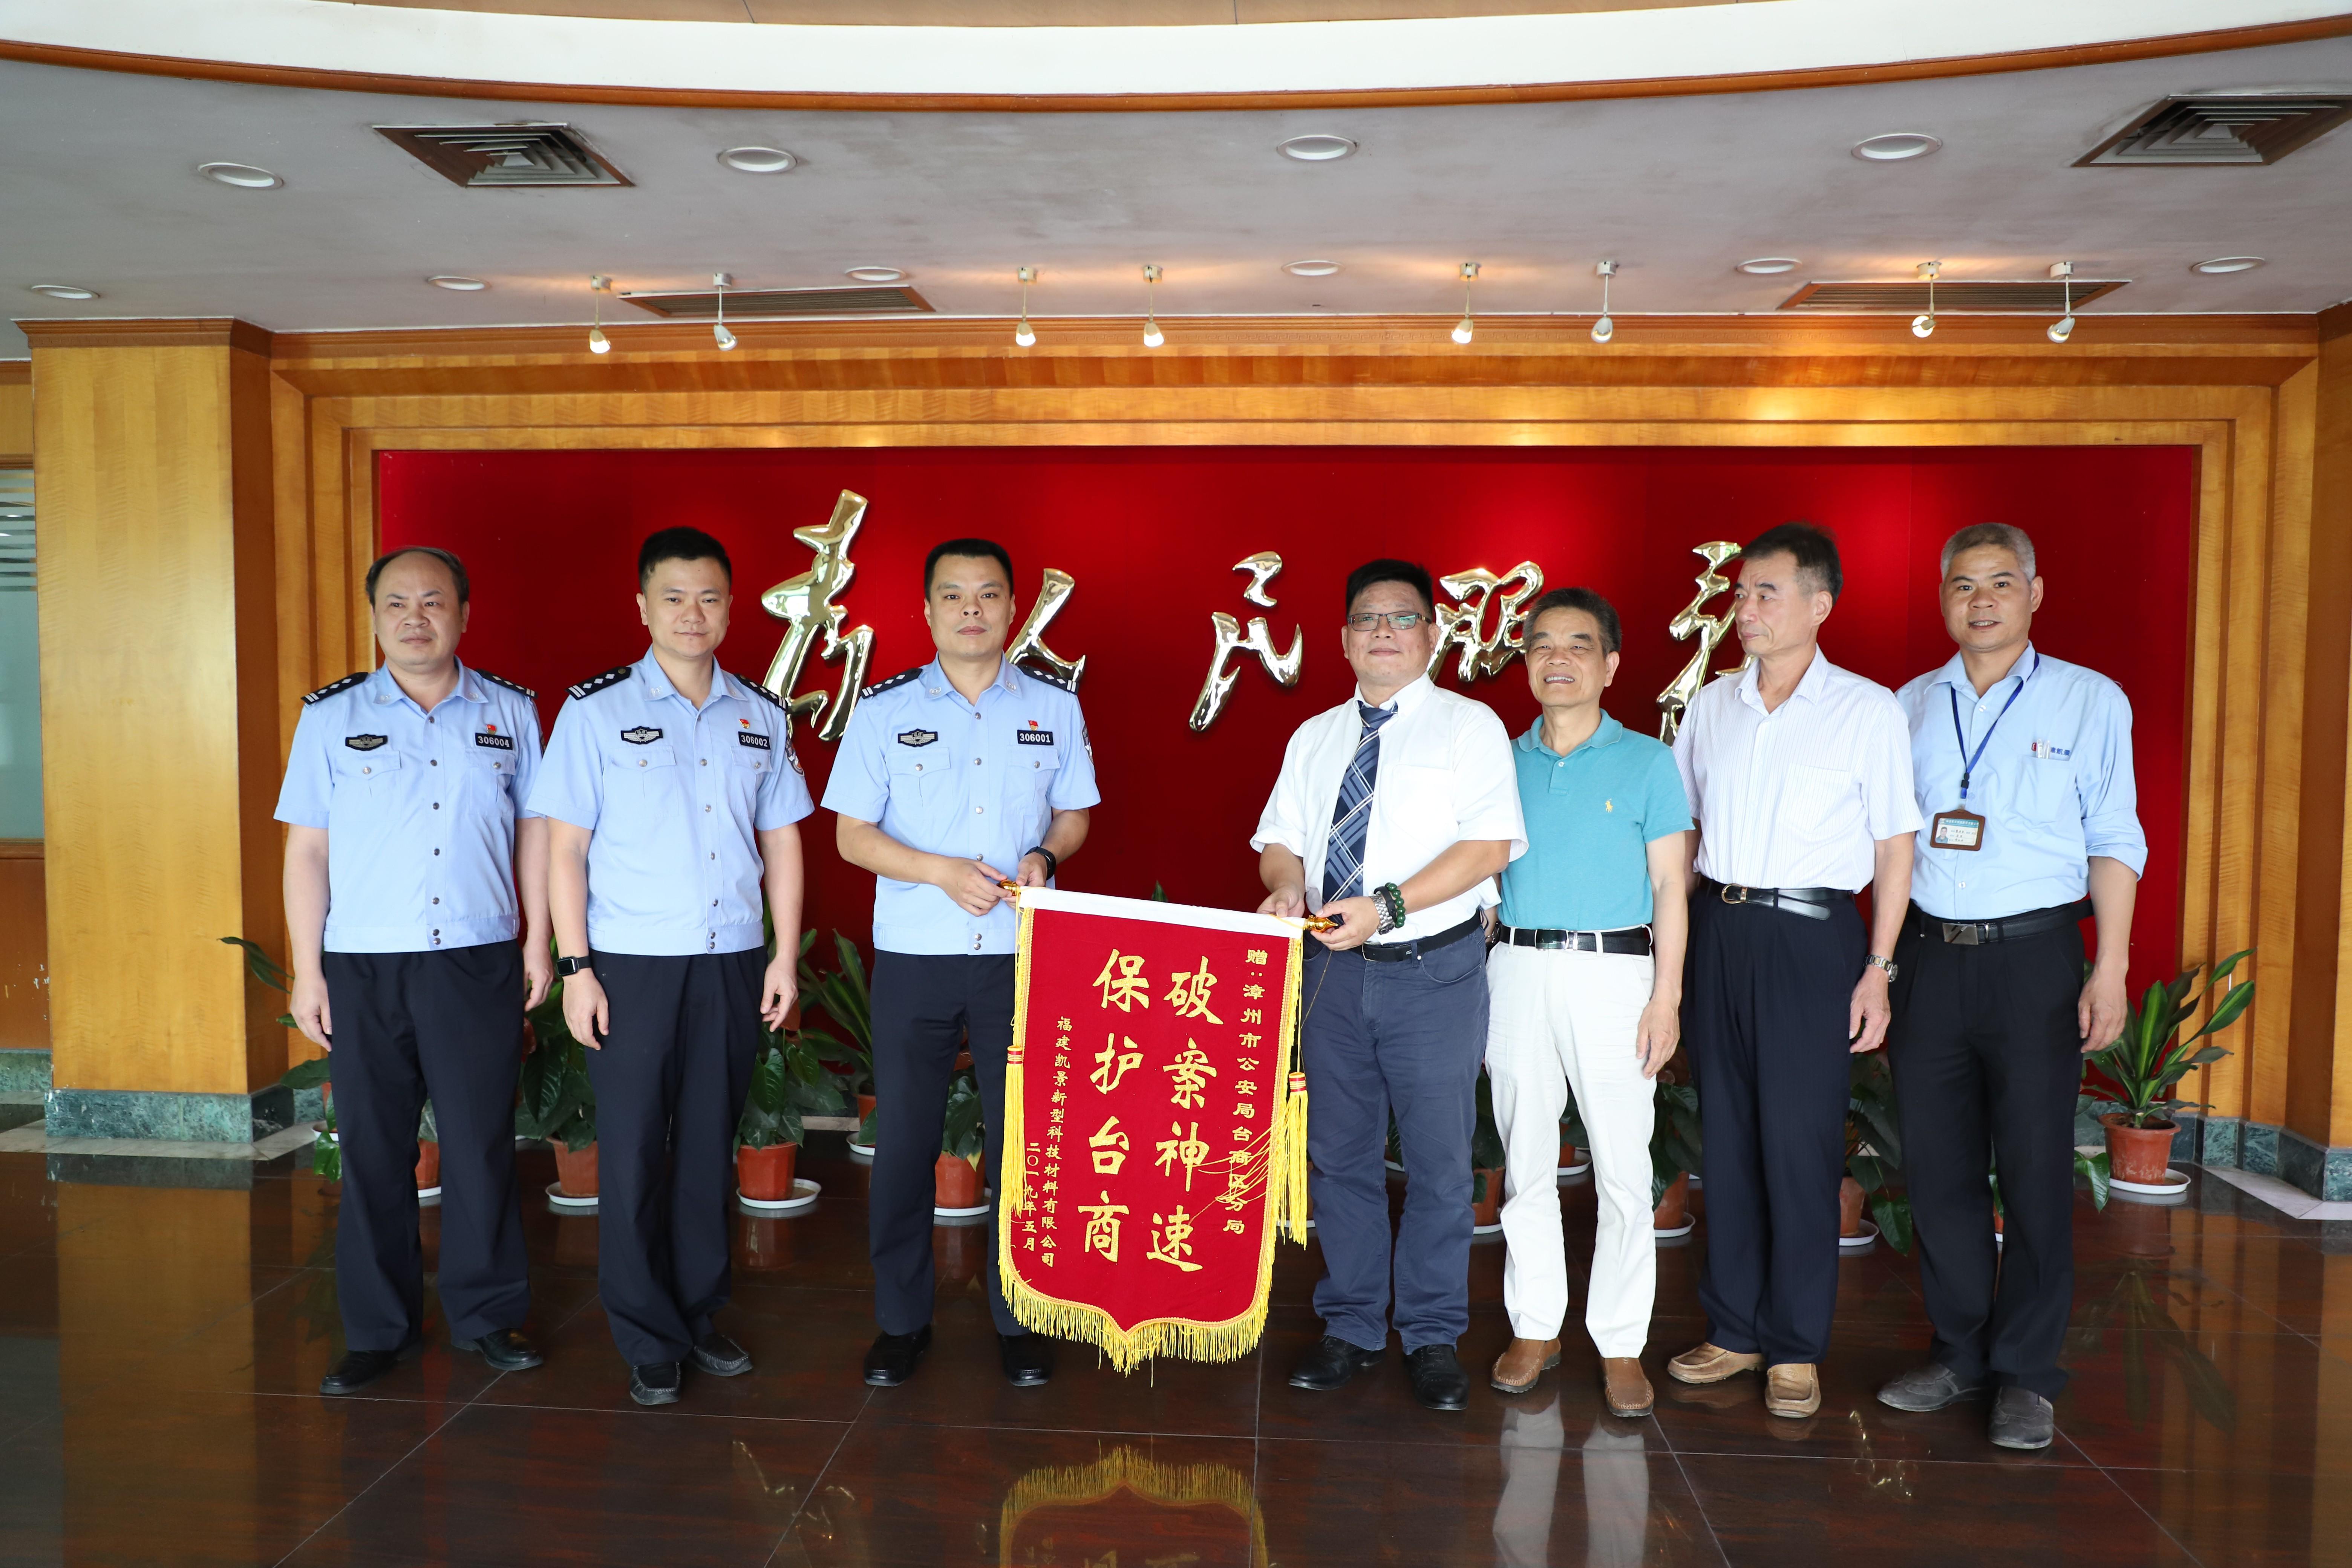 发展护航企业,漳州台湾公安赢得好评